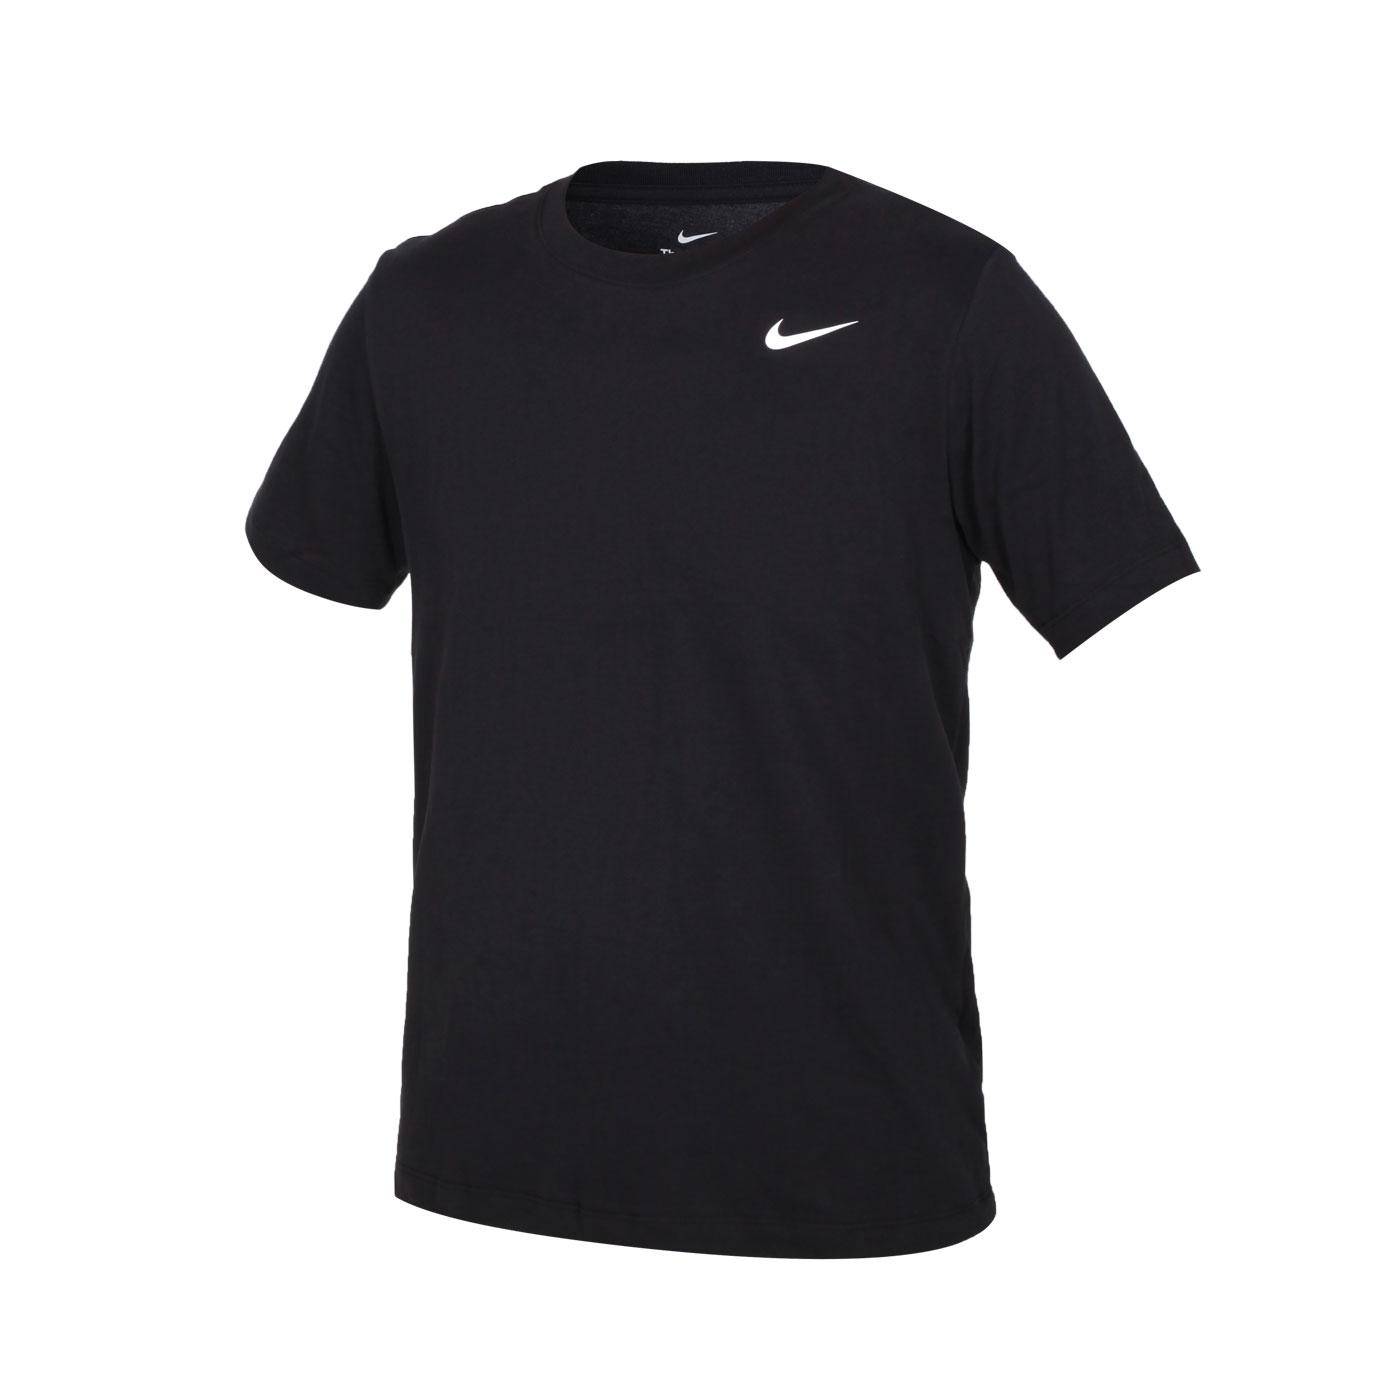 NIKE 男款短袖T恤 AR6030-010